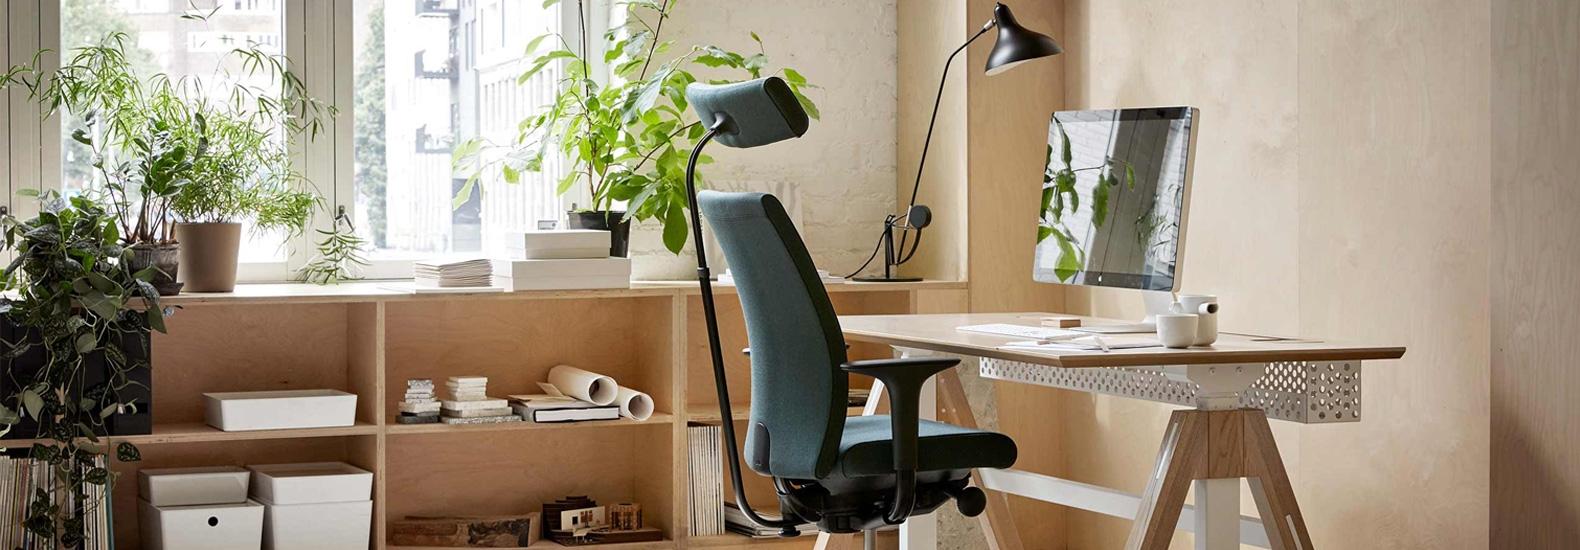 Ergonomische Einrichtung und Möbel für ihr Home Office